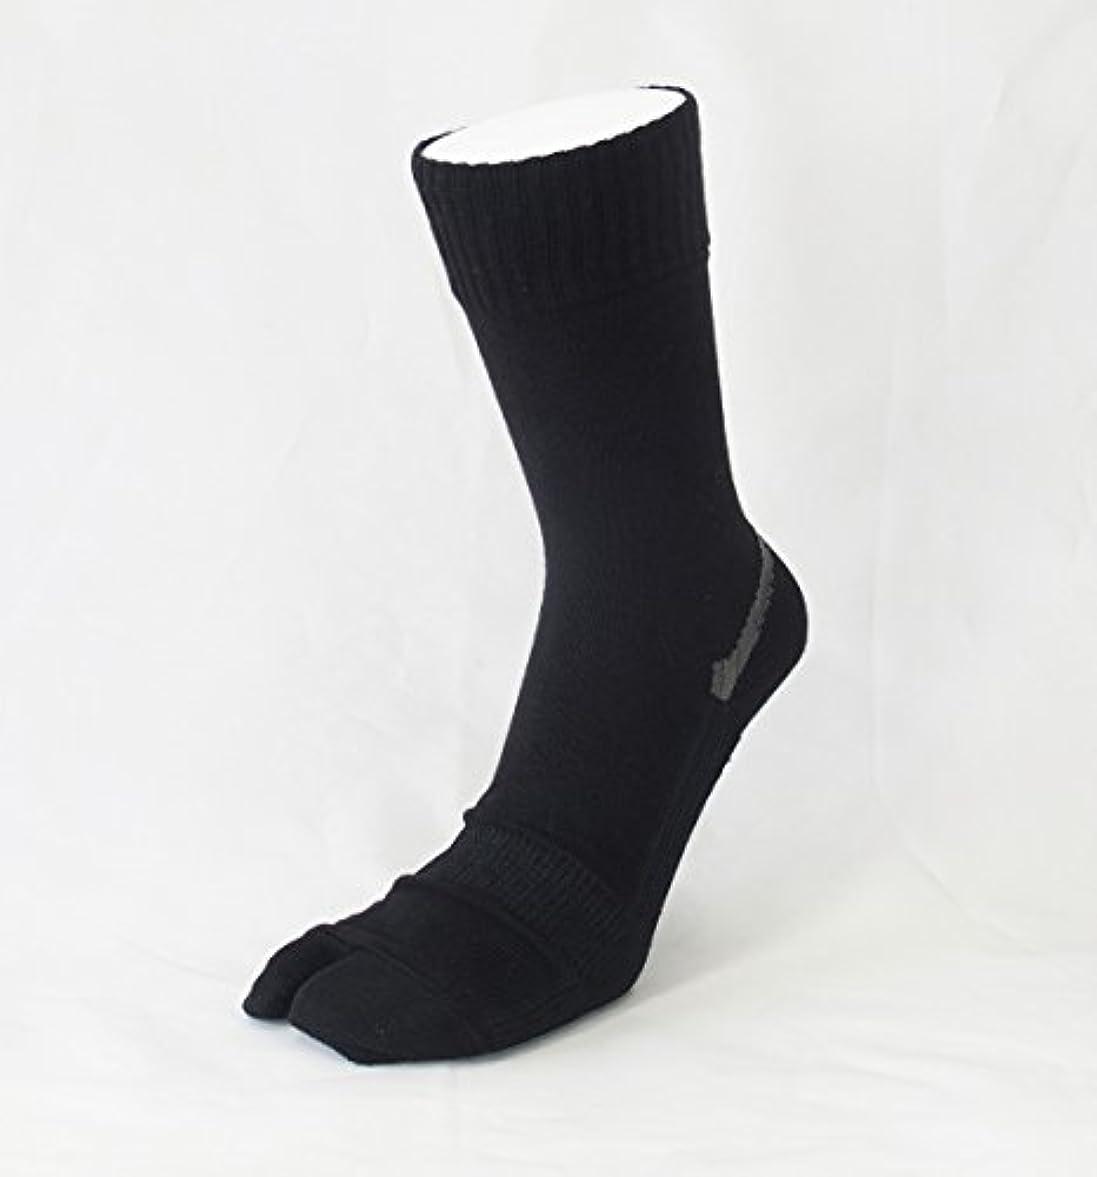 スイッチファンシー廃止【あしサポ】履くだけで足がラクにひらく靴下 外反母趾に (Lサイズ(25-26センチ), ブラック)